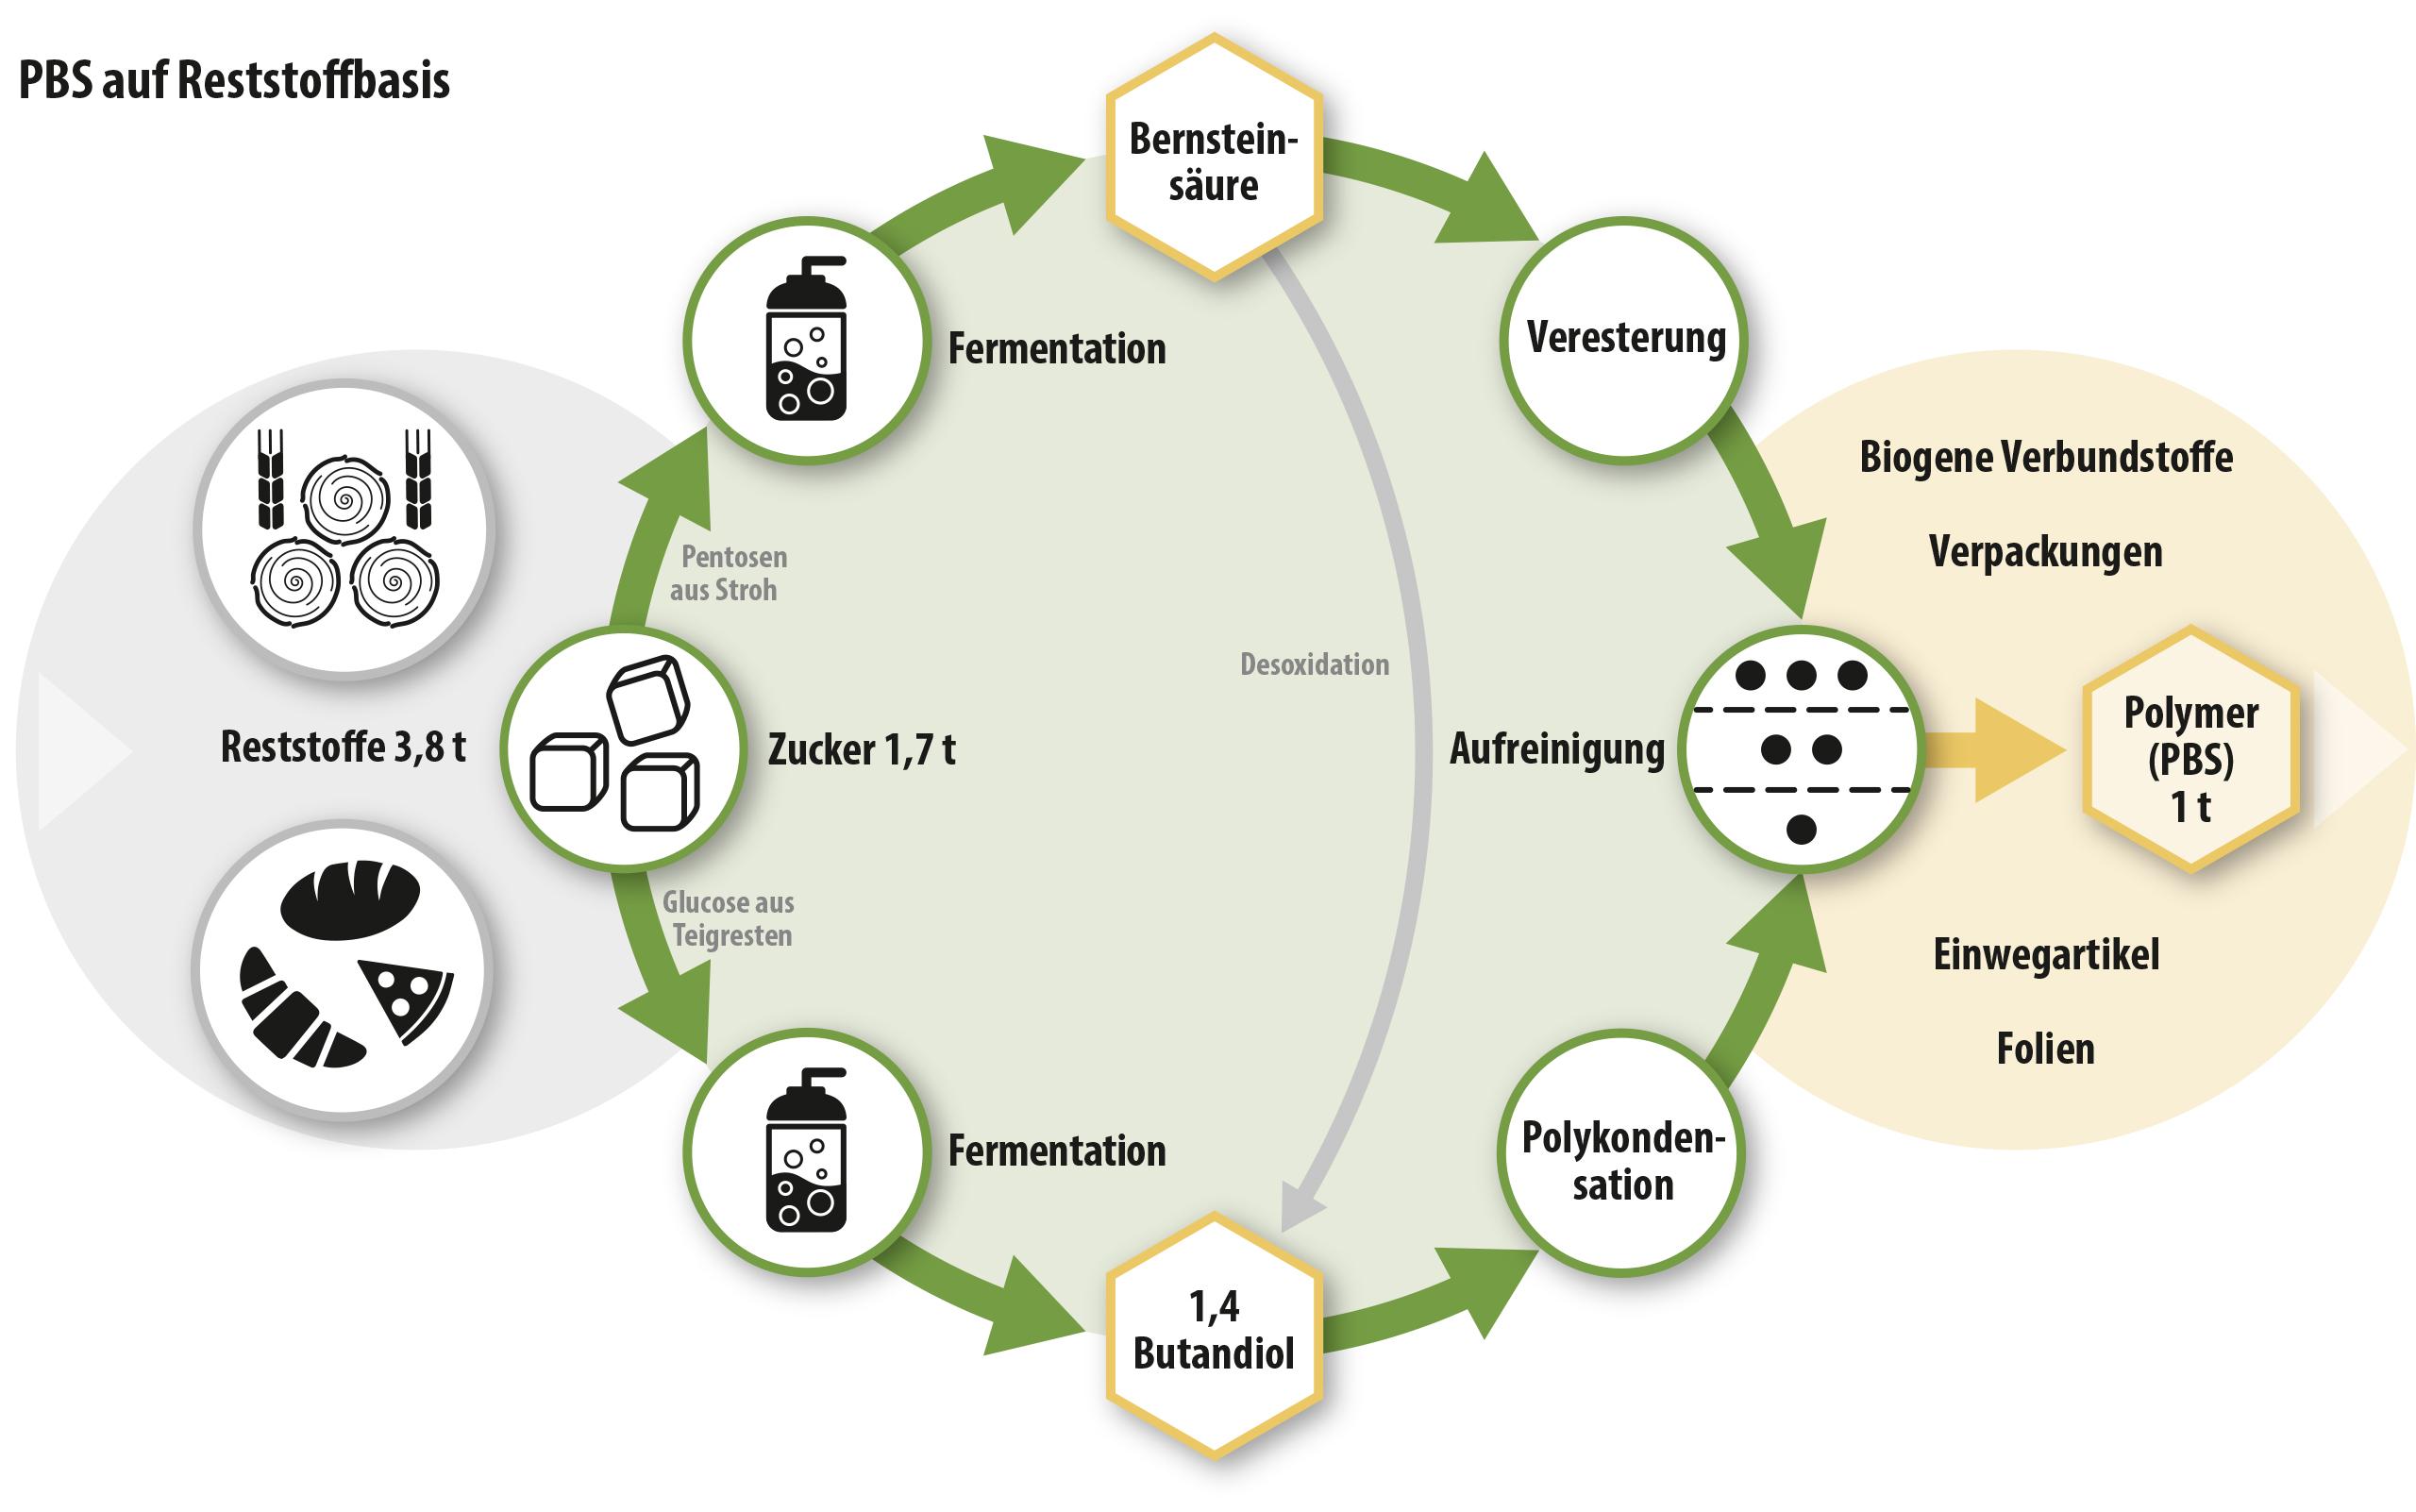 Prozessschema der Produktion von PBS auf Basis von Stroh und Teigresten